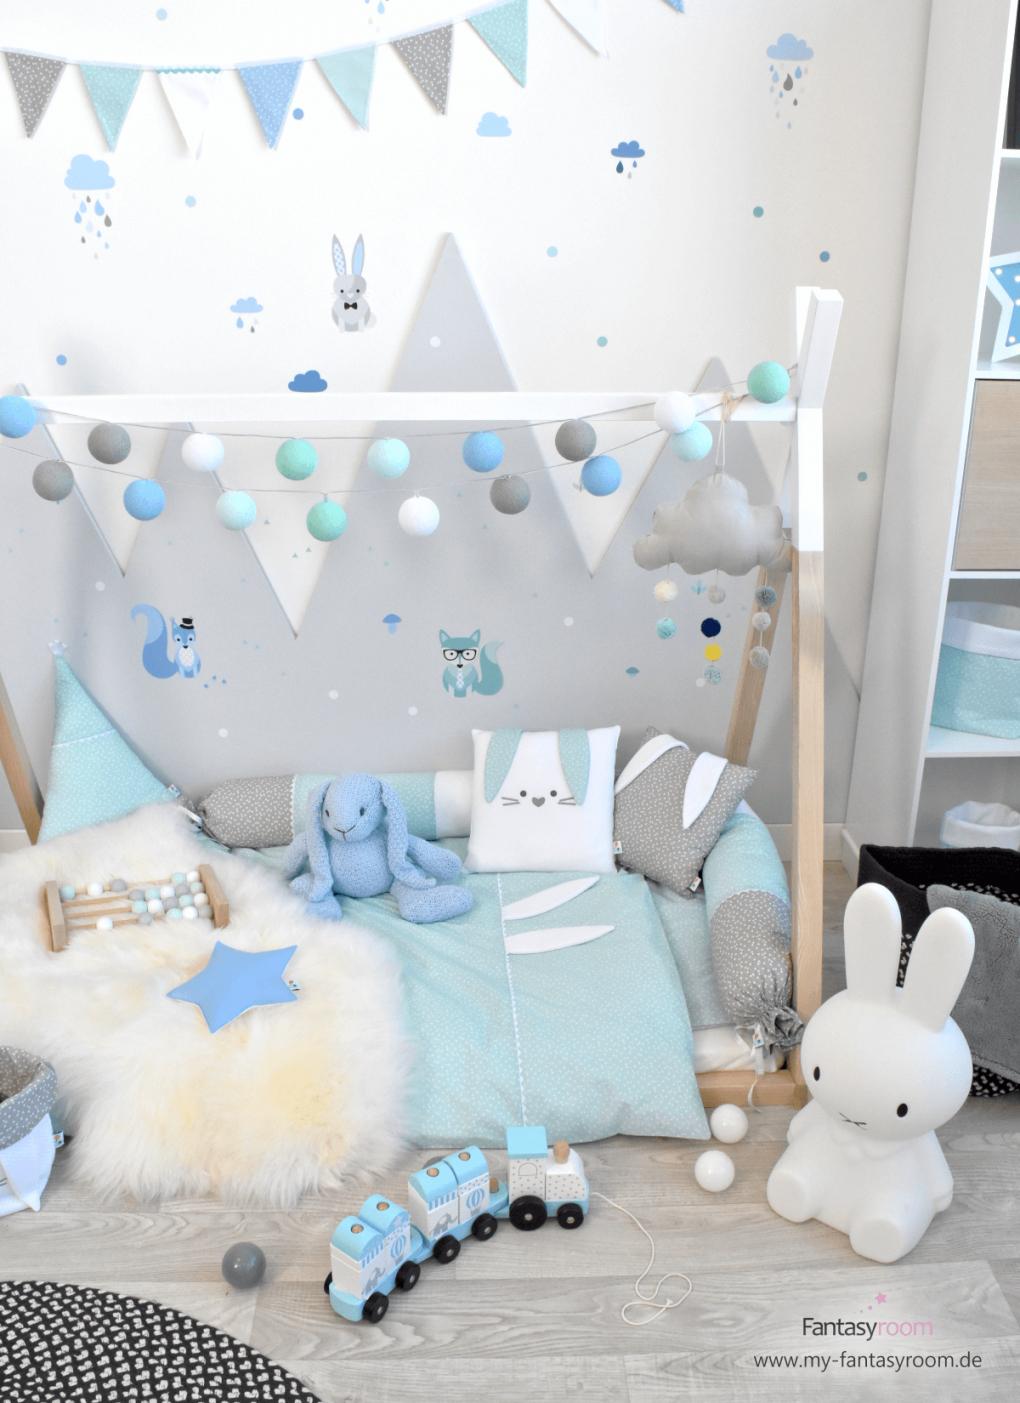 Waldtiere In Blau Mint  Grau Bei Fantasyroom Online Kaufen von Babyzimmer Deko Blau Bild